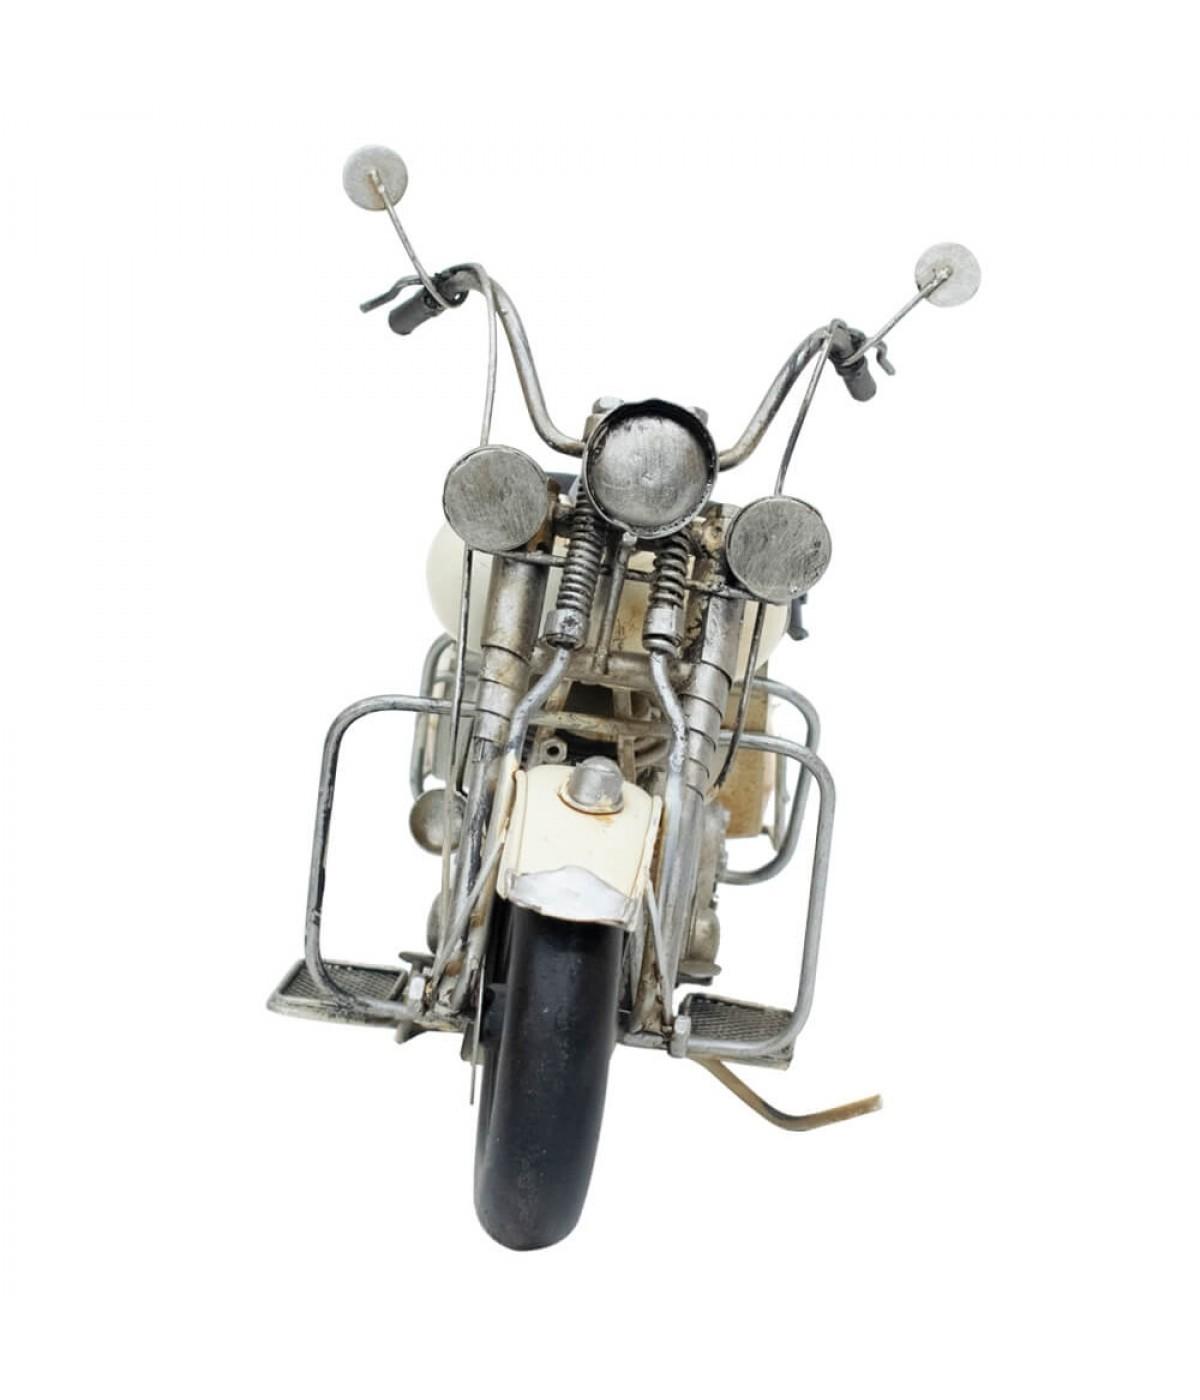 Motocicleta Vintage (Branca)